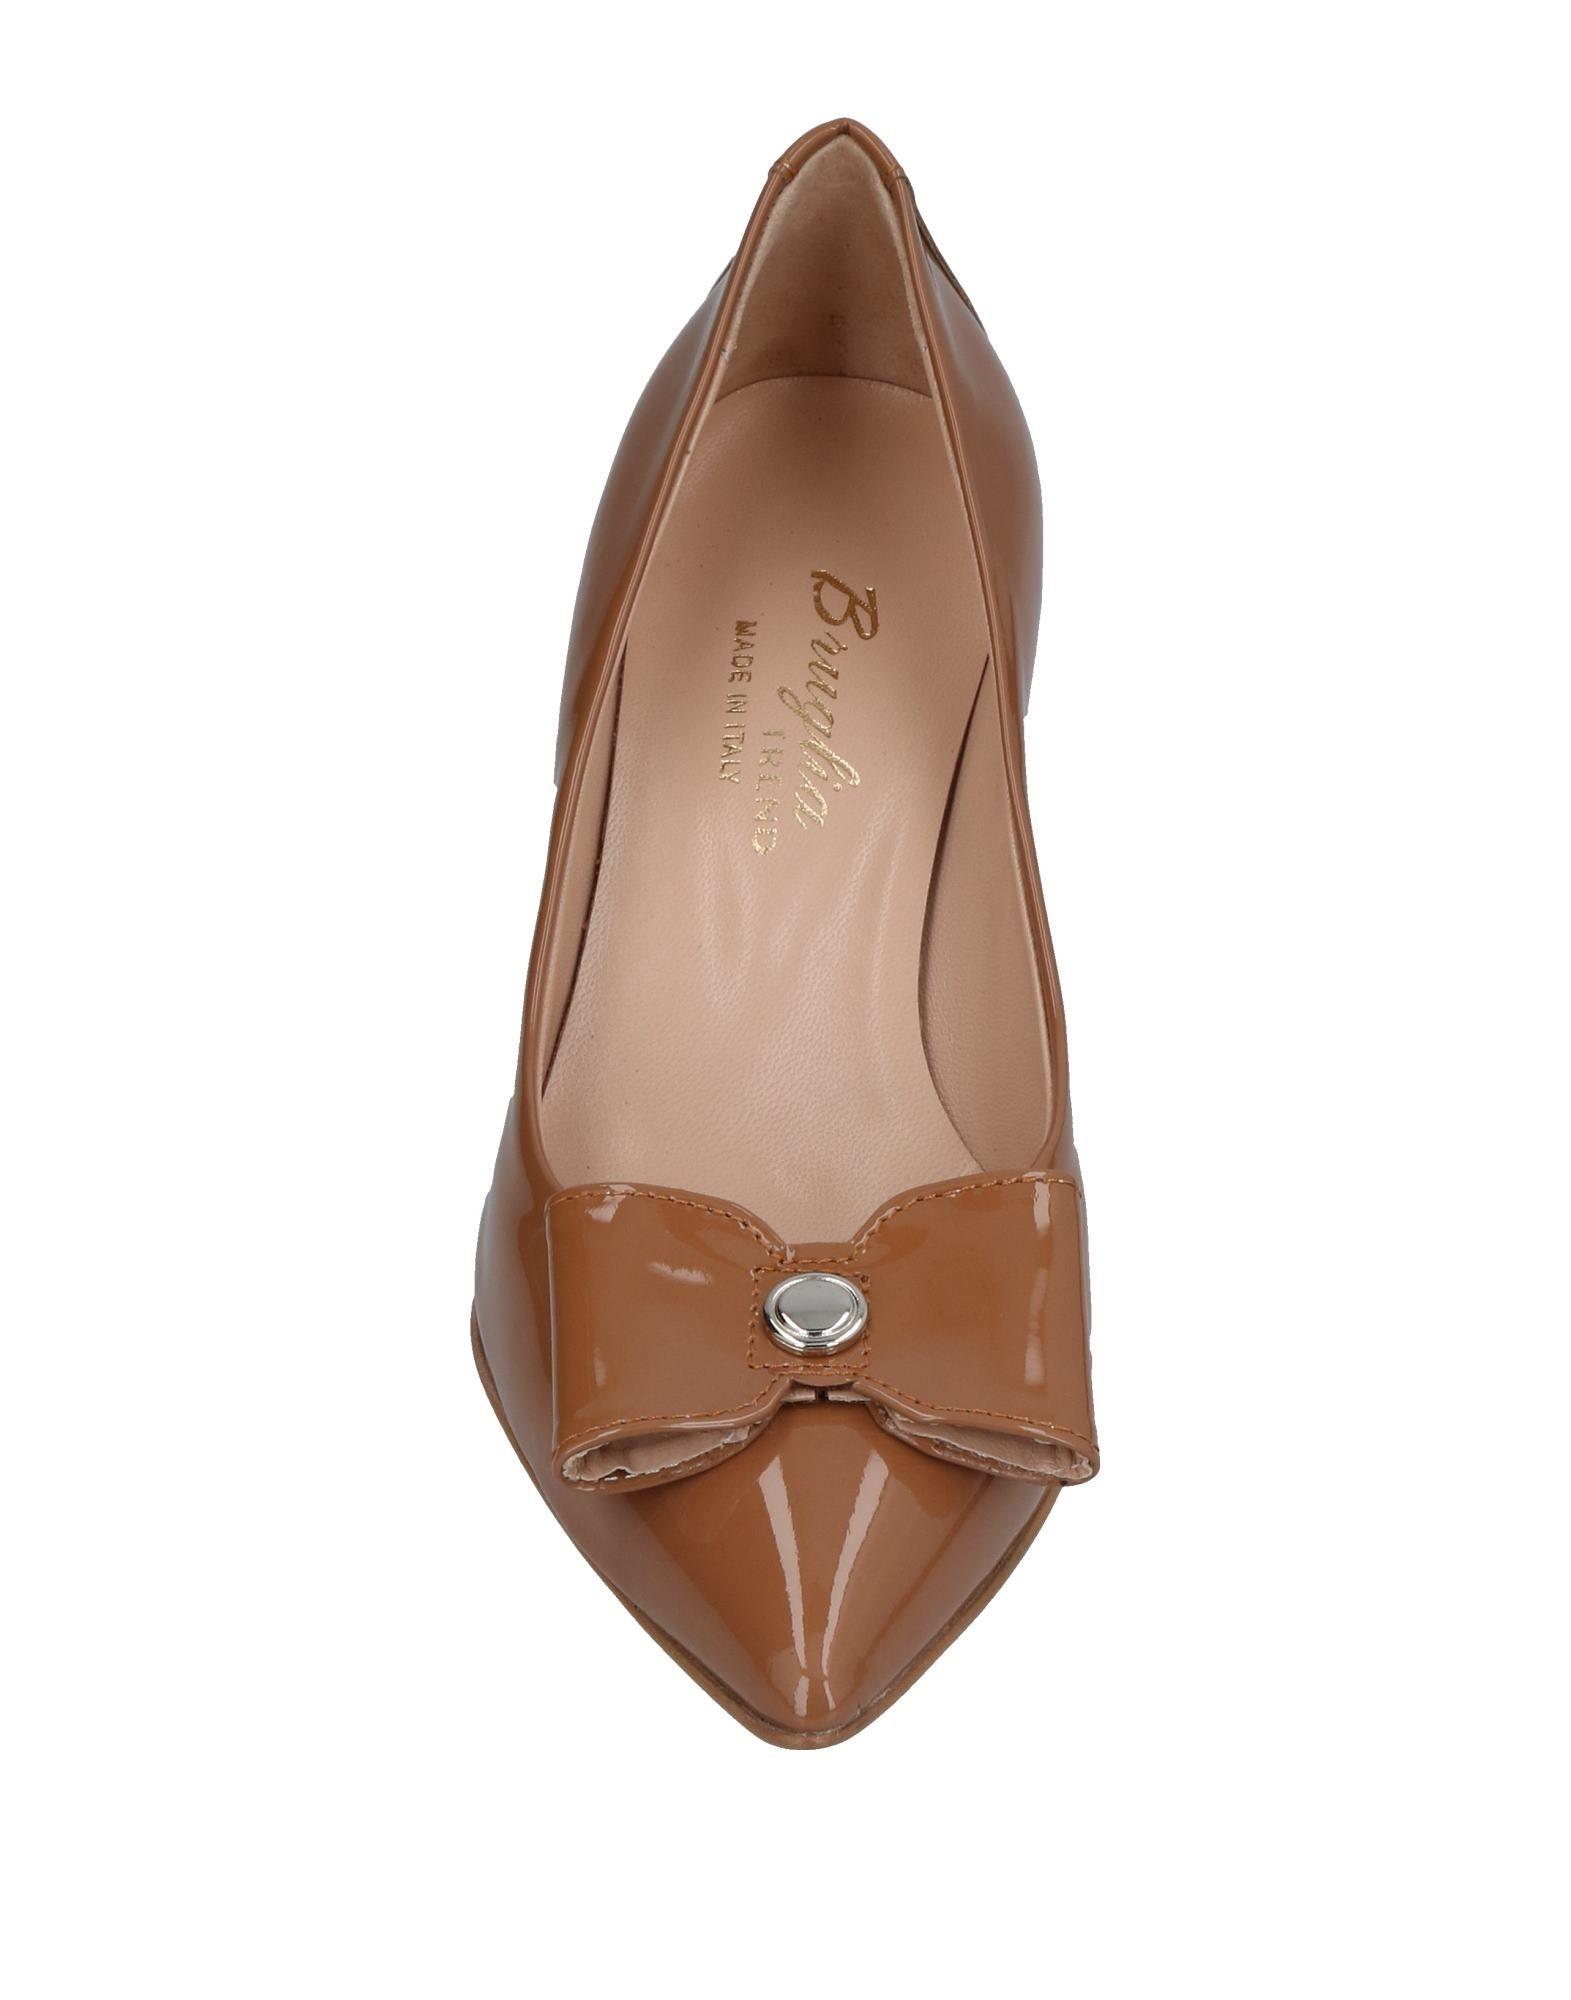 F.Lli Bruglia Pumps Damen  11408640FA Gute Qualität beliebte Schuhe